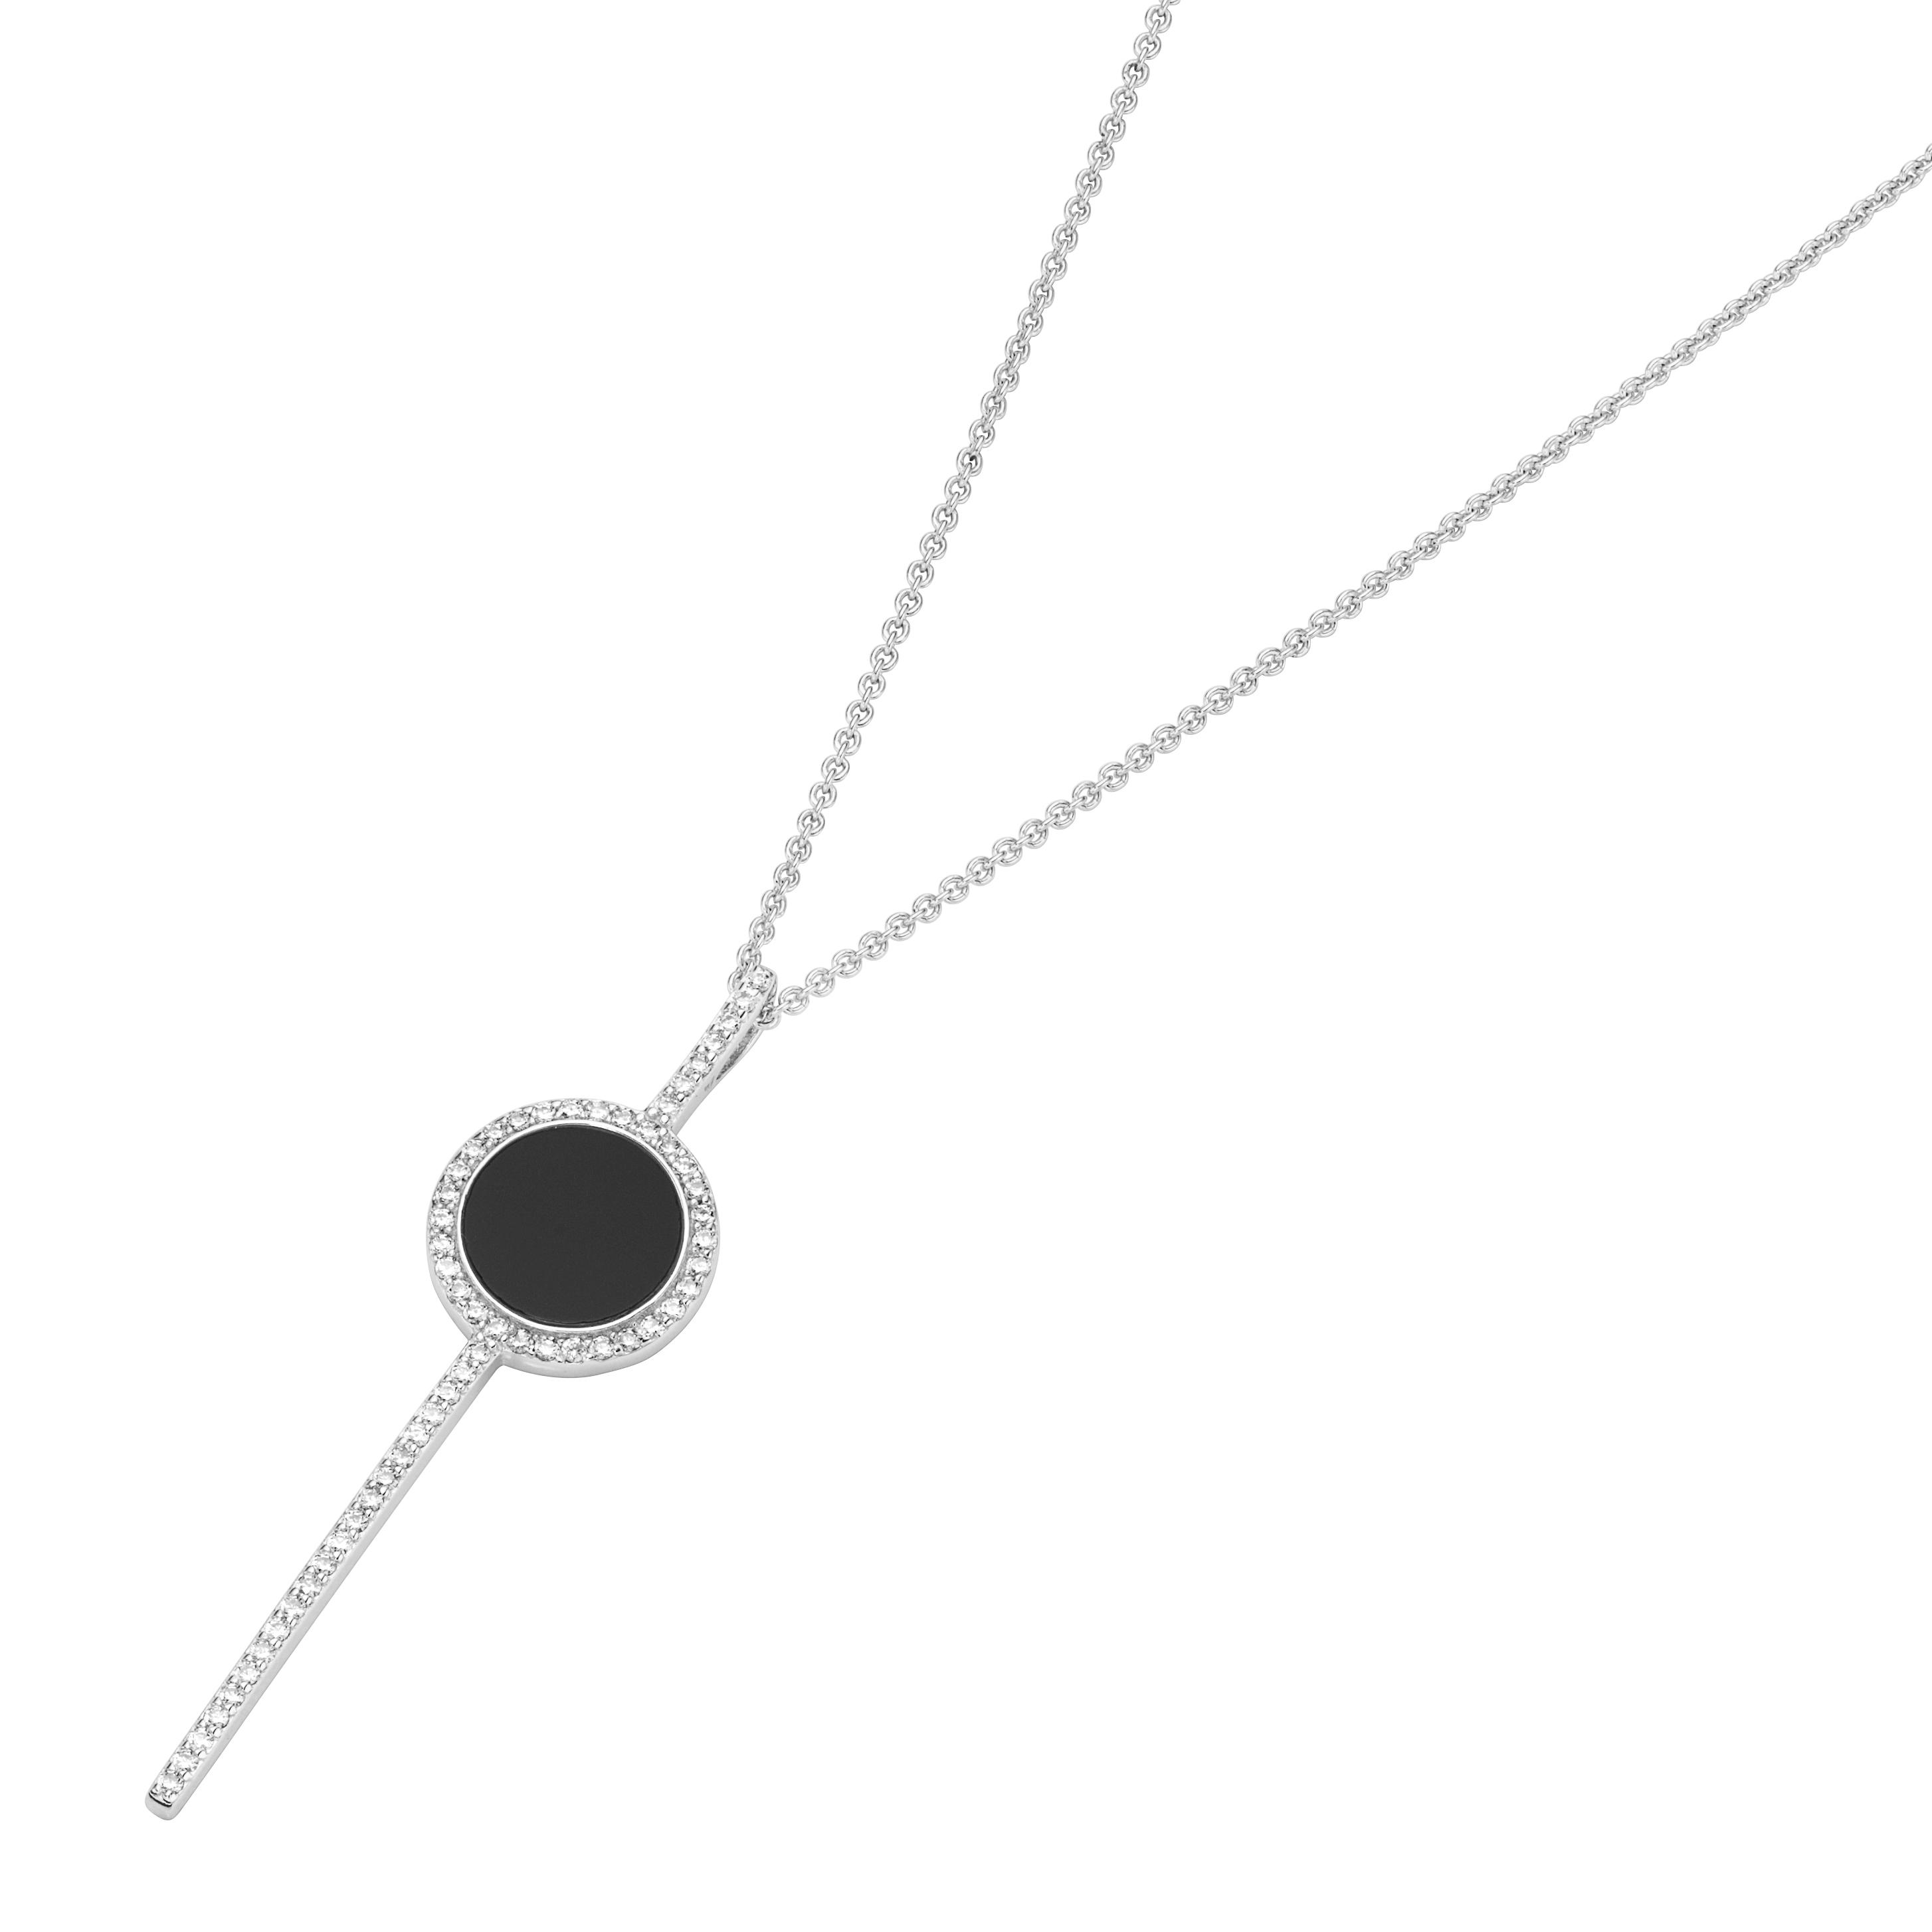 Anhänger mit schwarzem Achat und Zirkonia, Silber 925